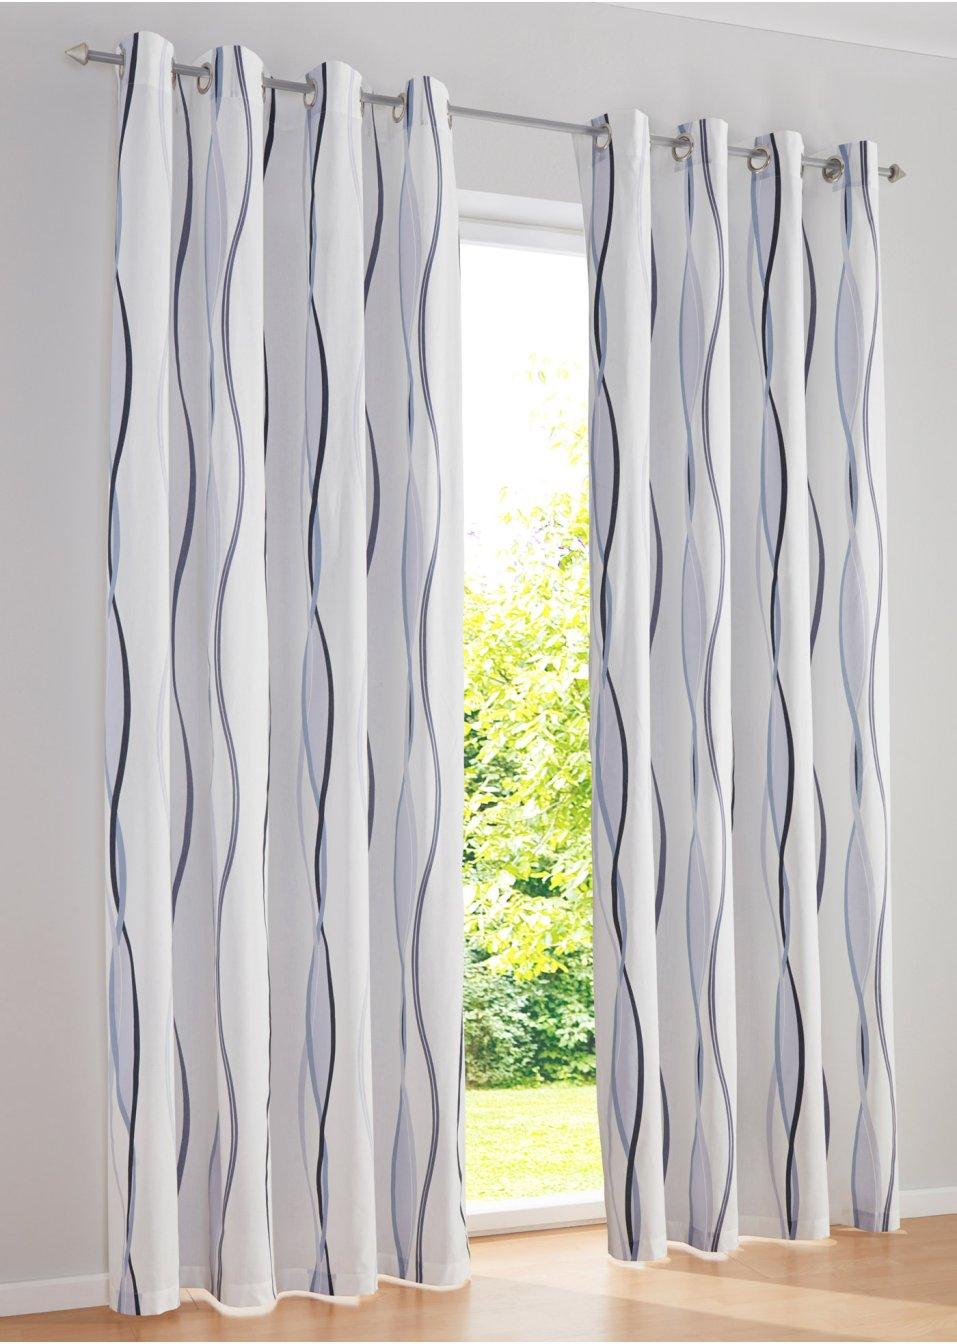 vorhang verona 1er pack kr uselband gr n bpc living online bestellen. Black Bedroom Furniture Sets. Home Design Ideas